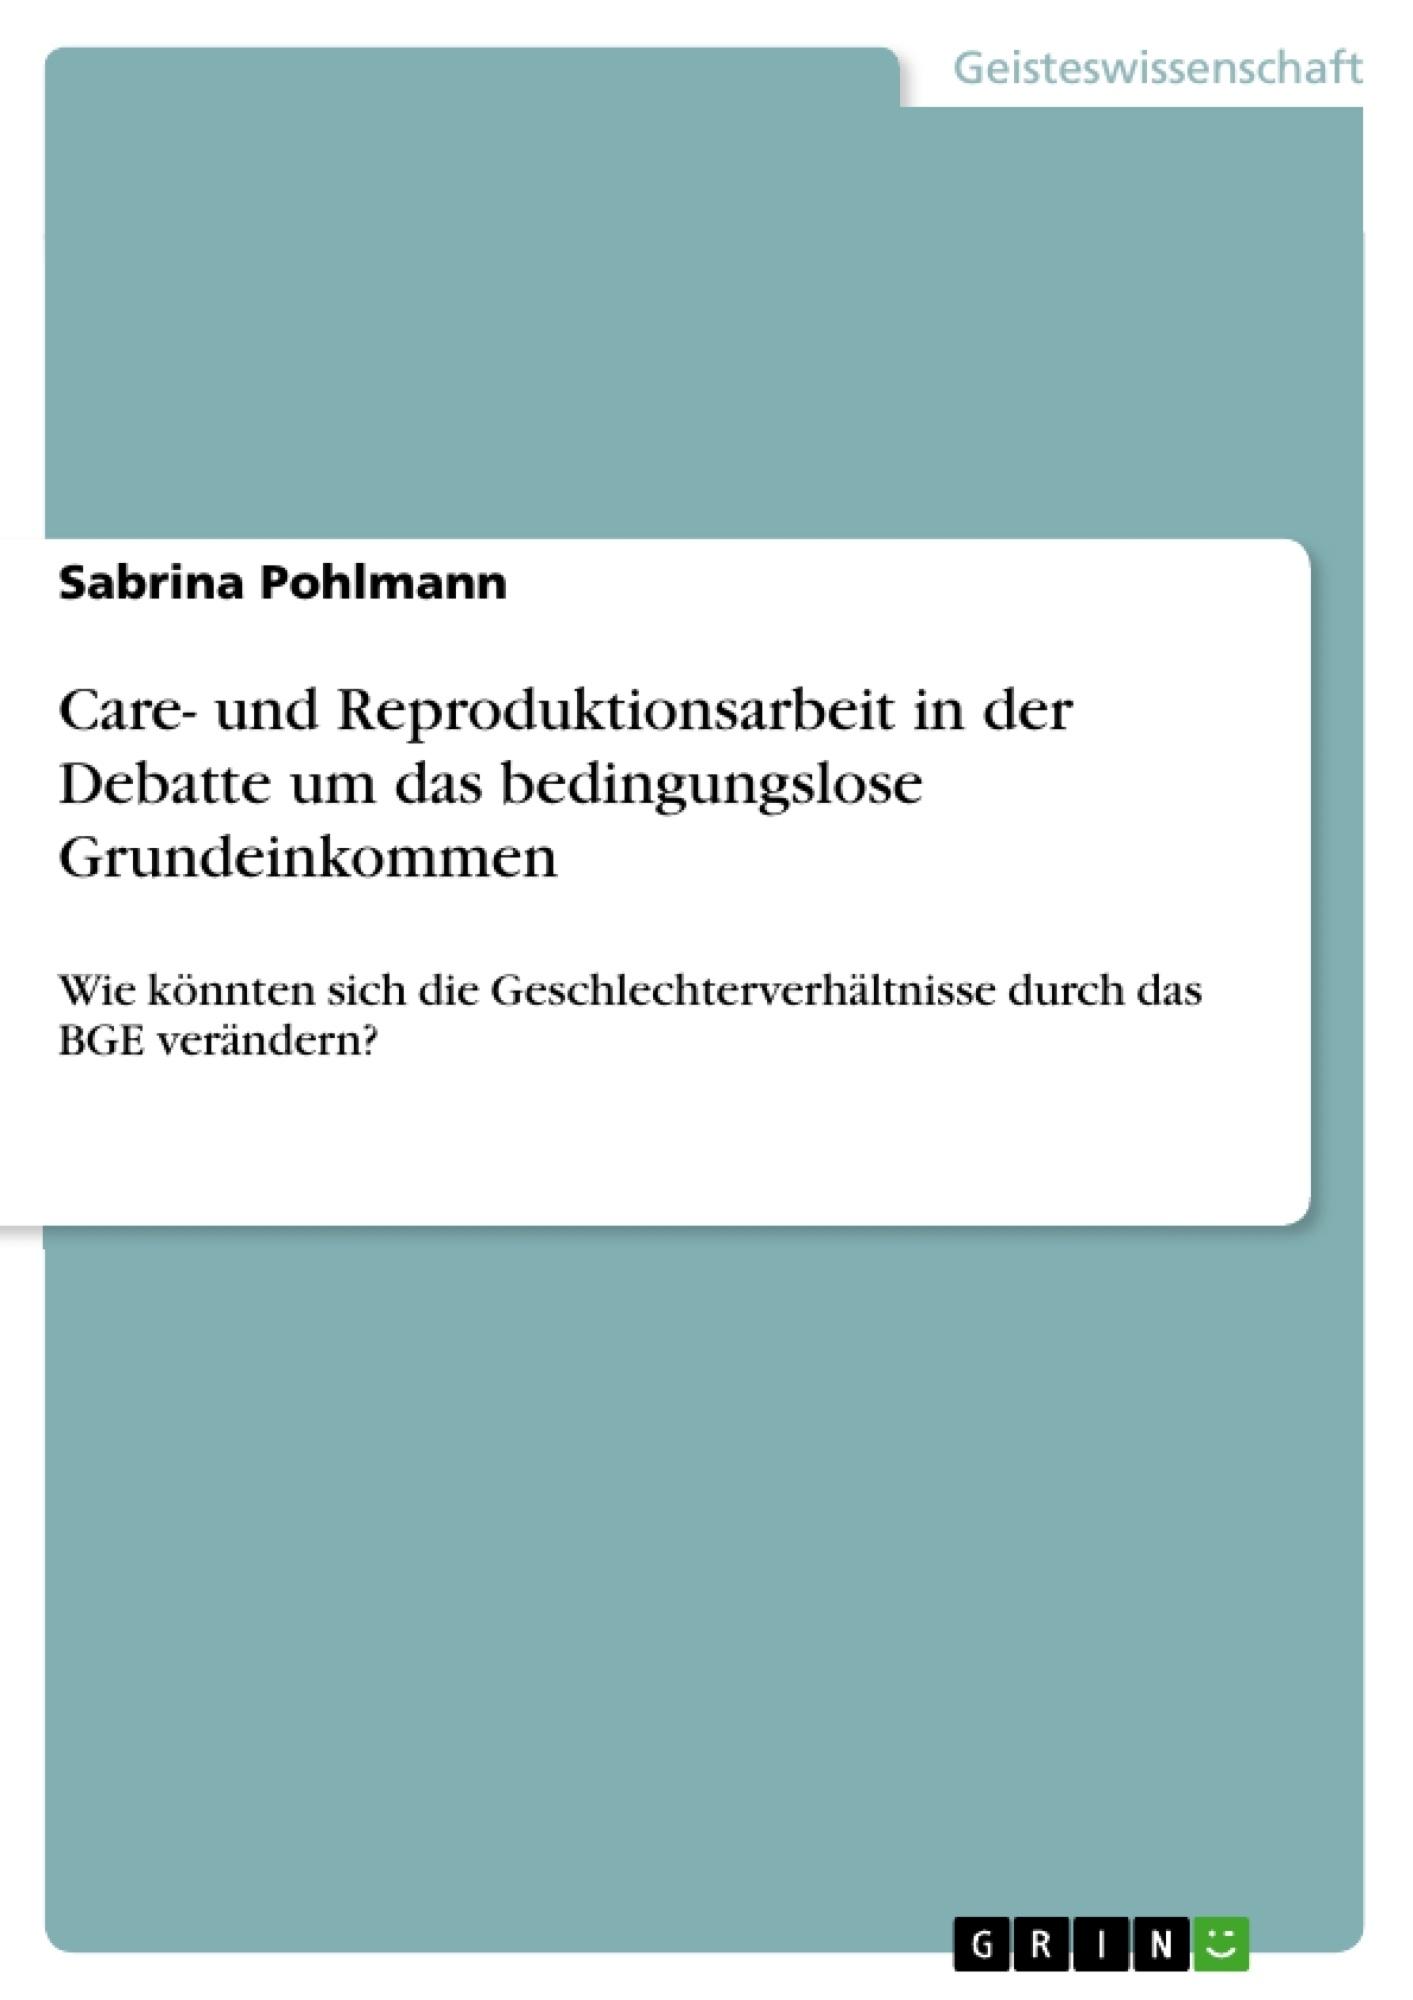 Titel: Care- und Reproduktionsarbeit in der Debatte um das bedingungslose Grundeinkommen